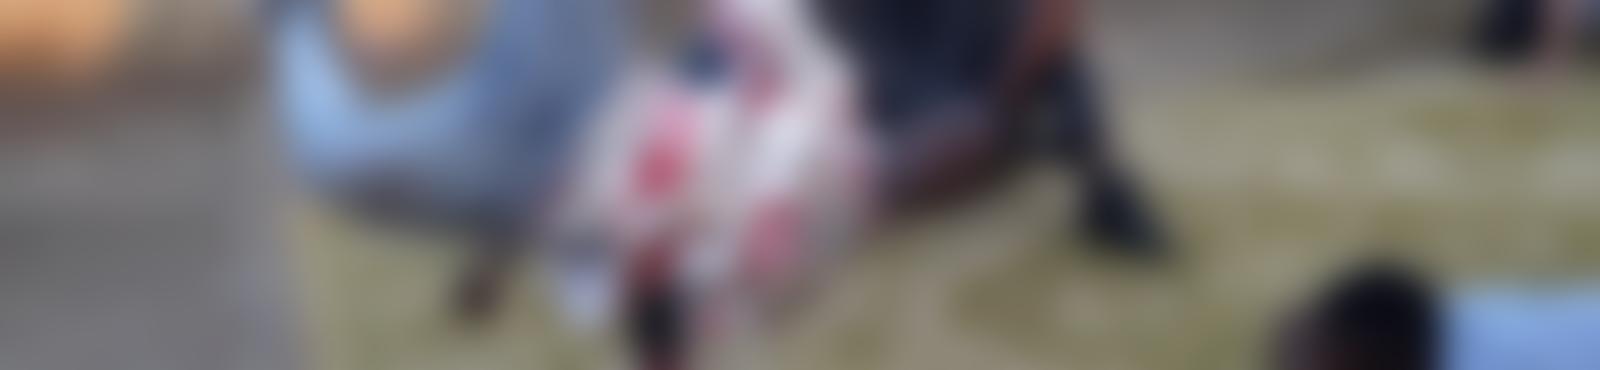 Blurred 4dedd860 1057 4ec7 9009 5aea128dad51